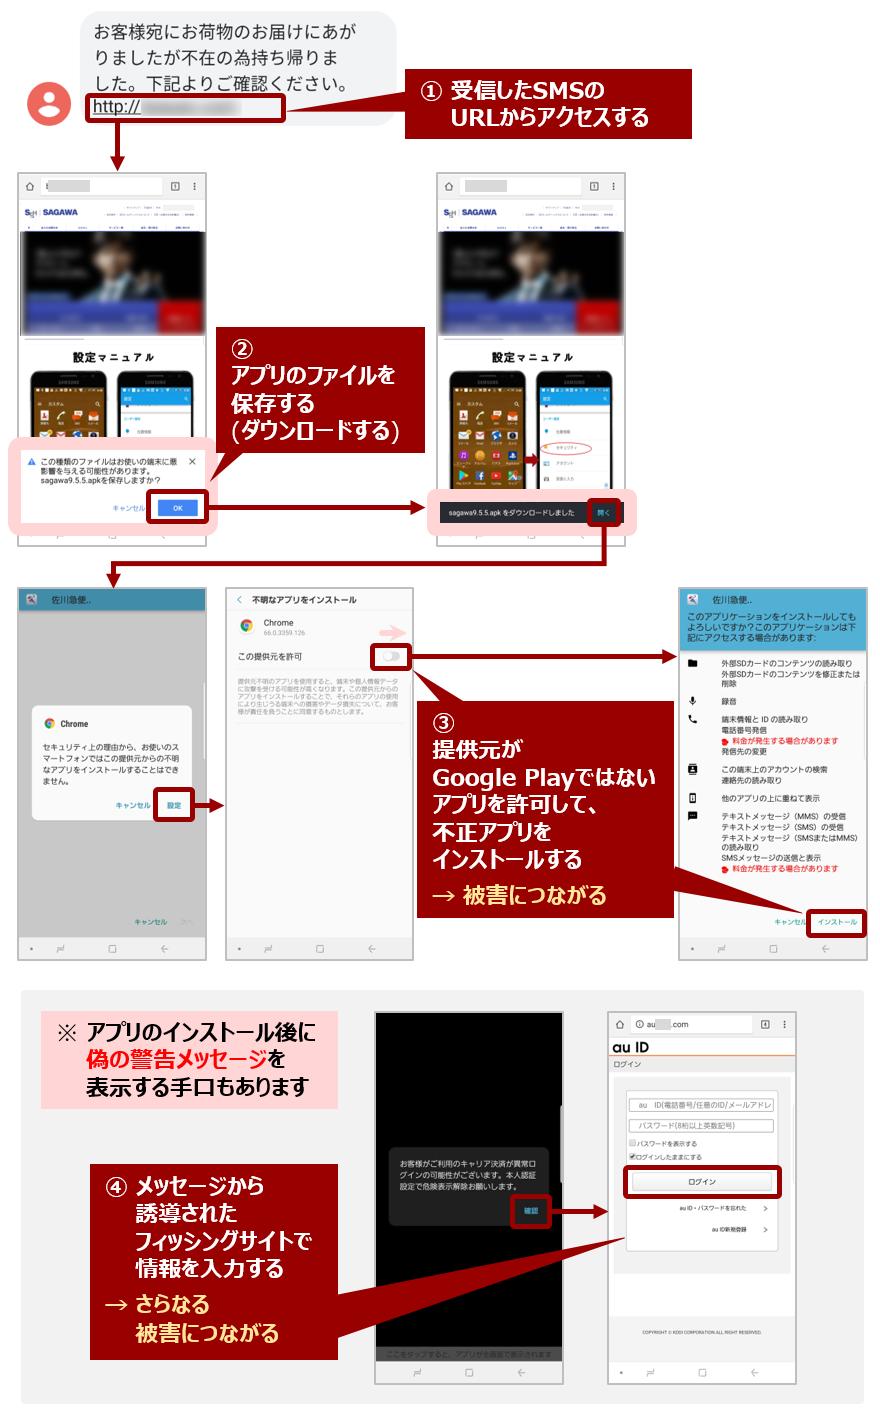 アプリインストール時の画面遷移例(佐川急便を装ったケース)